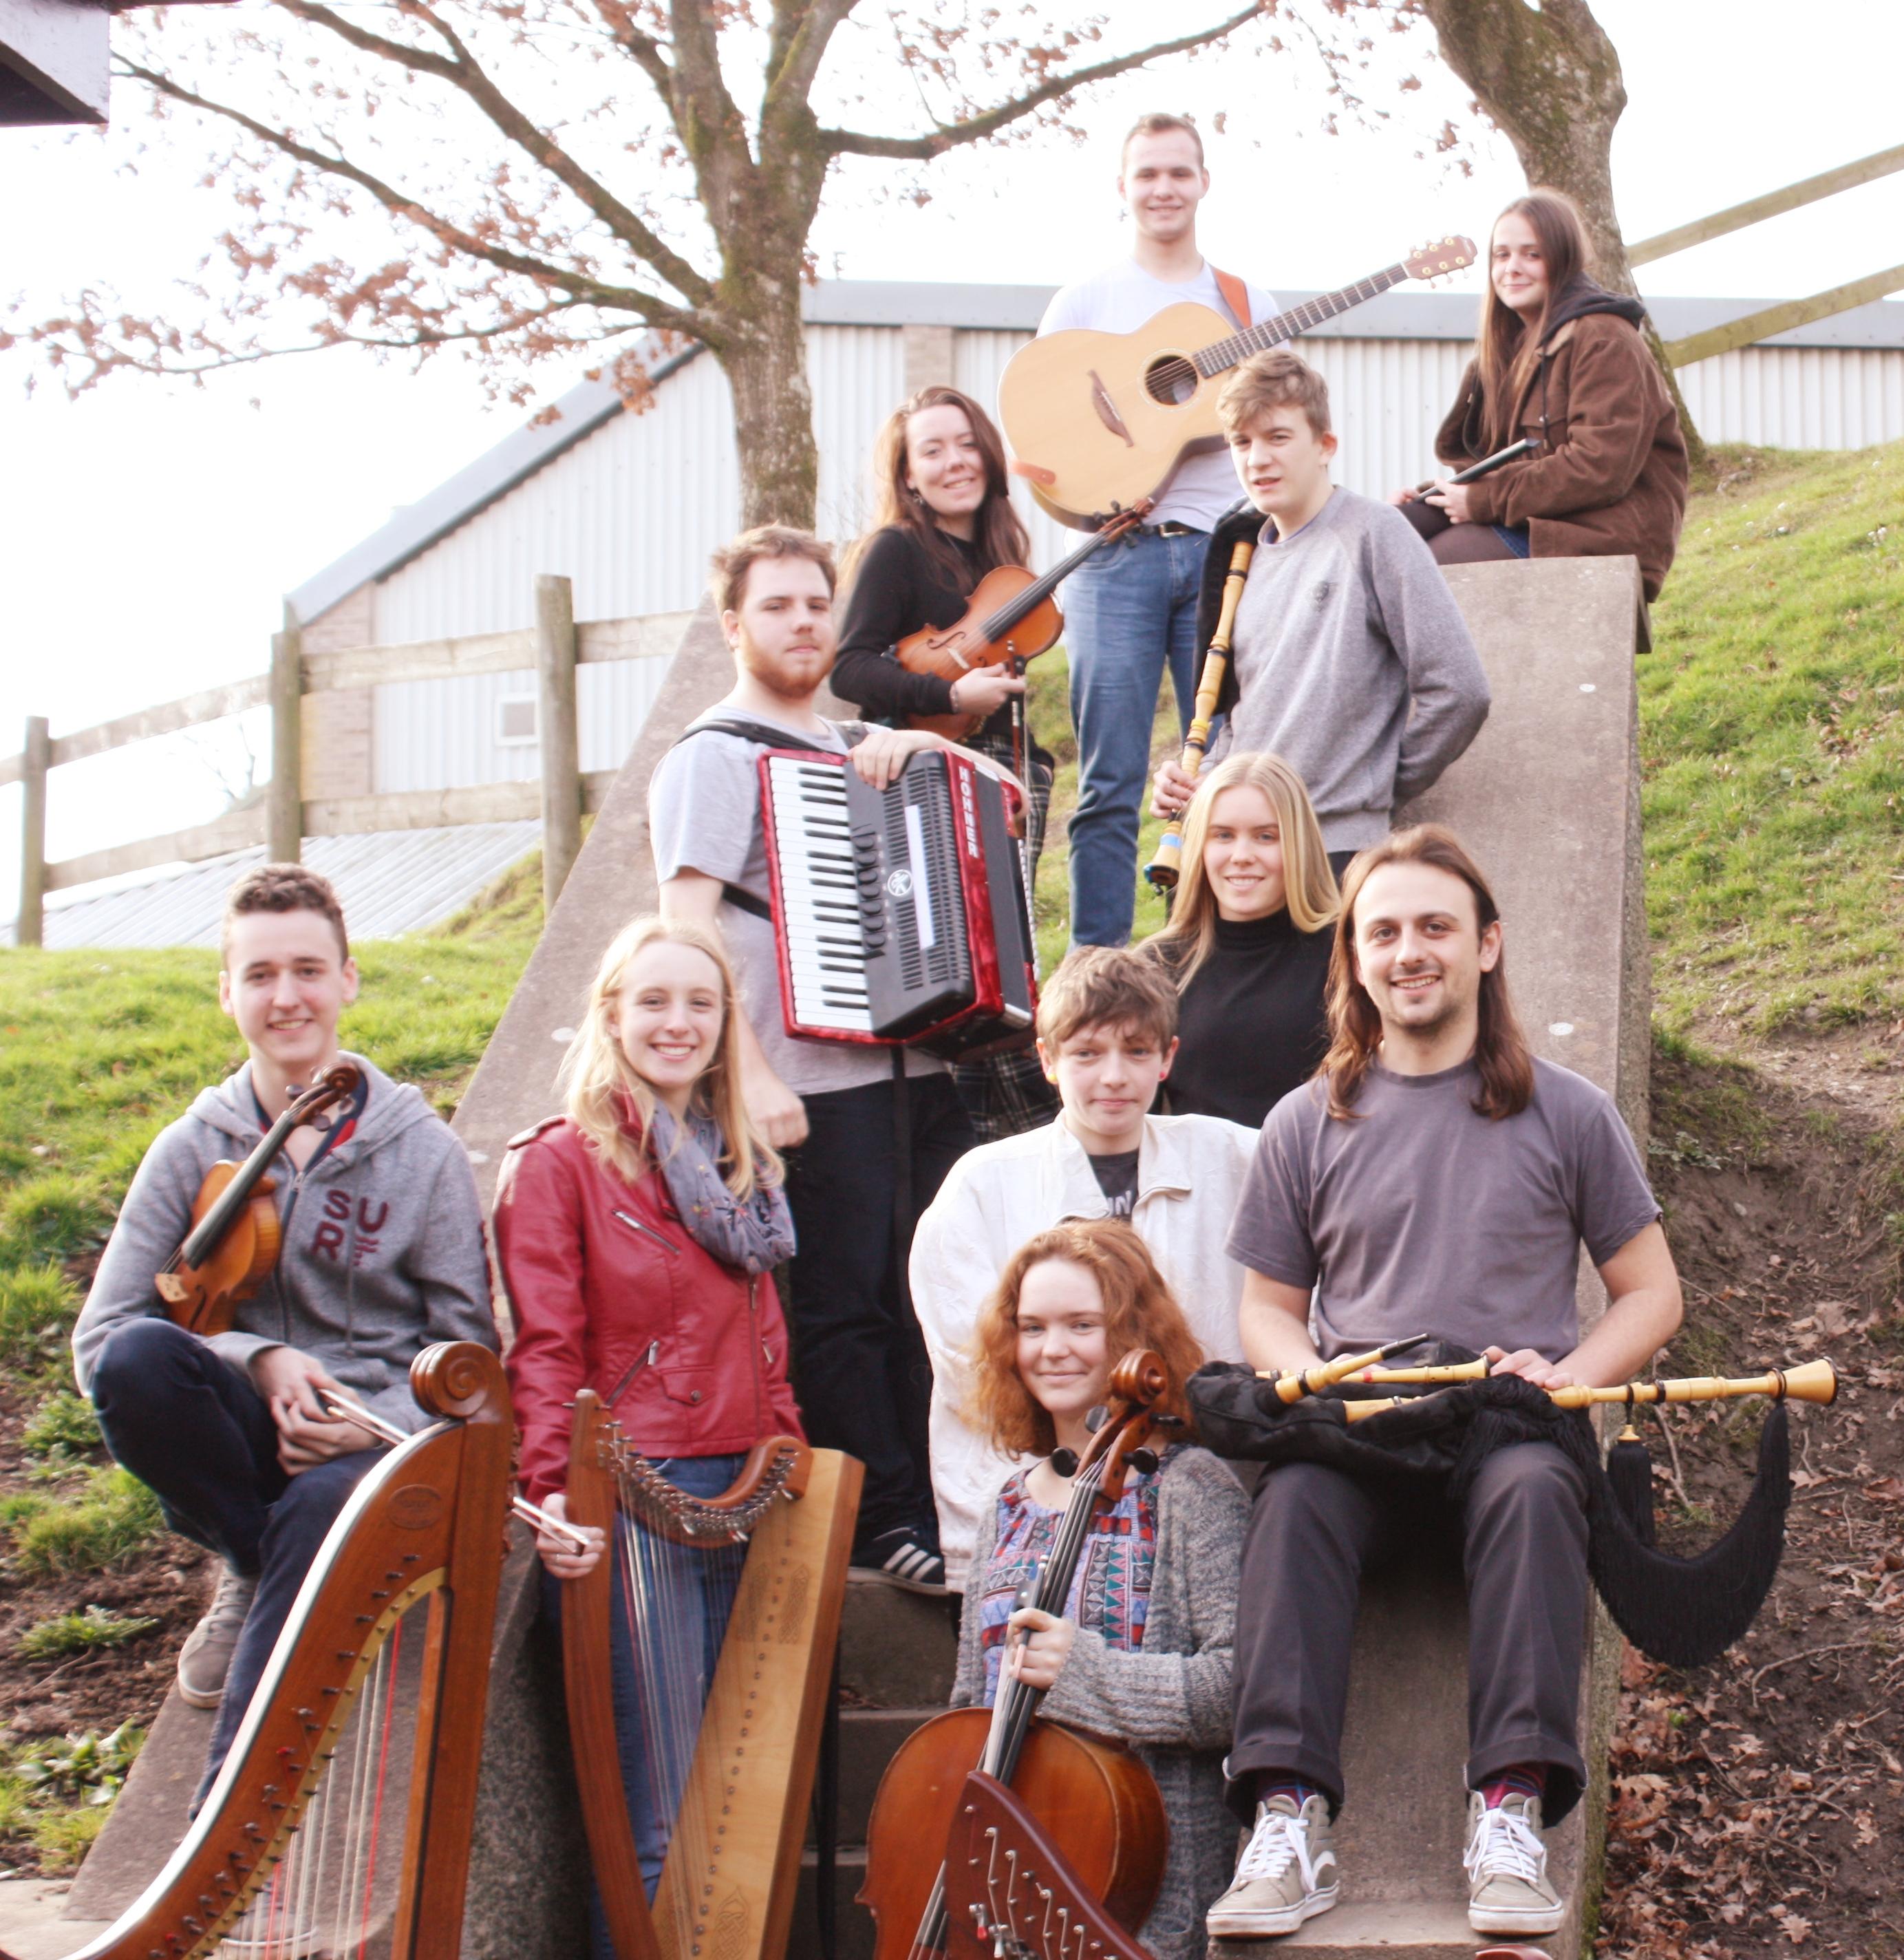 AVANC: Ensemble Gwerin Ieuenctid Cymru